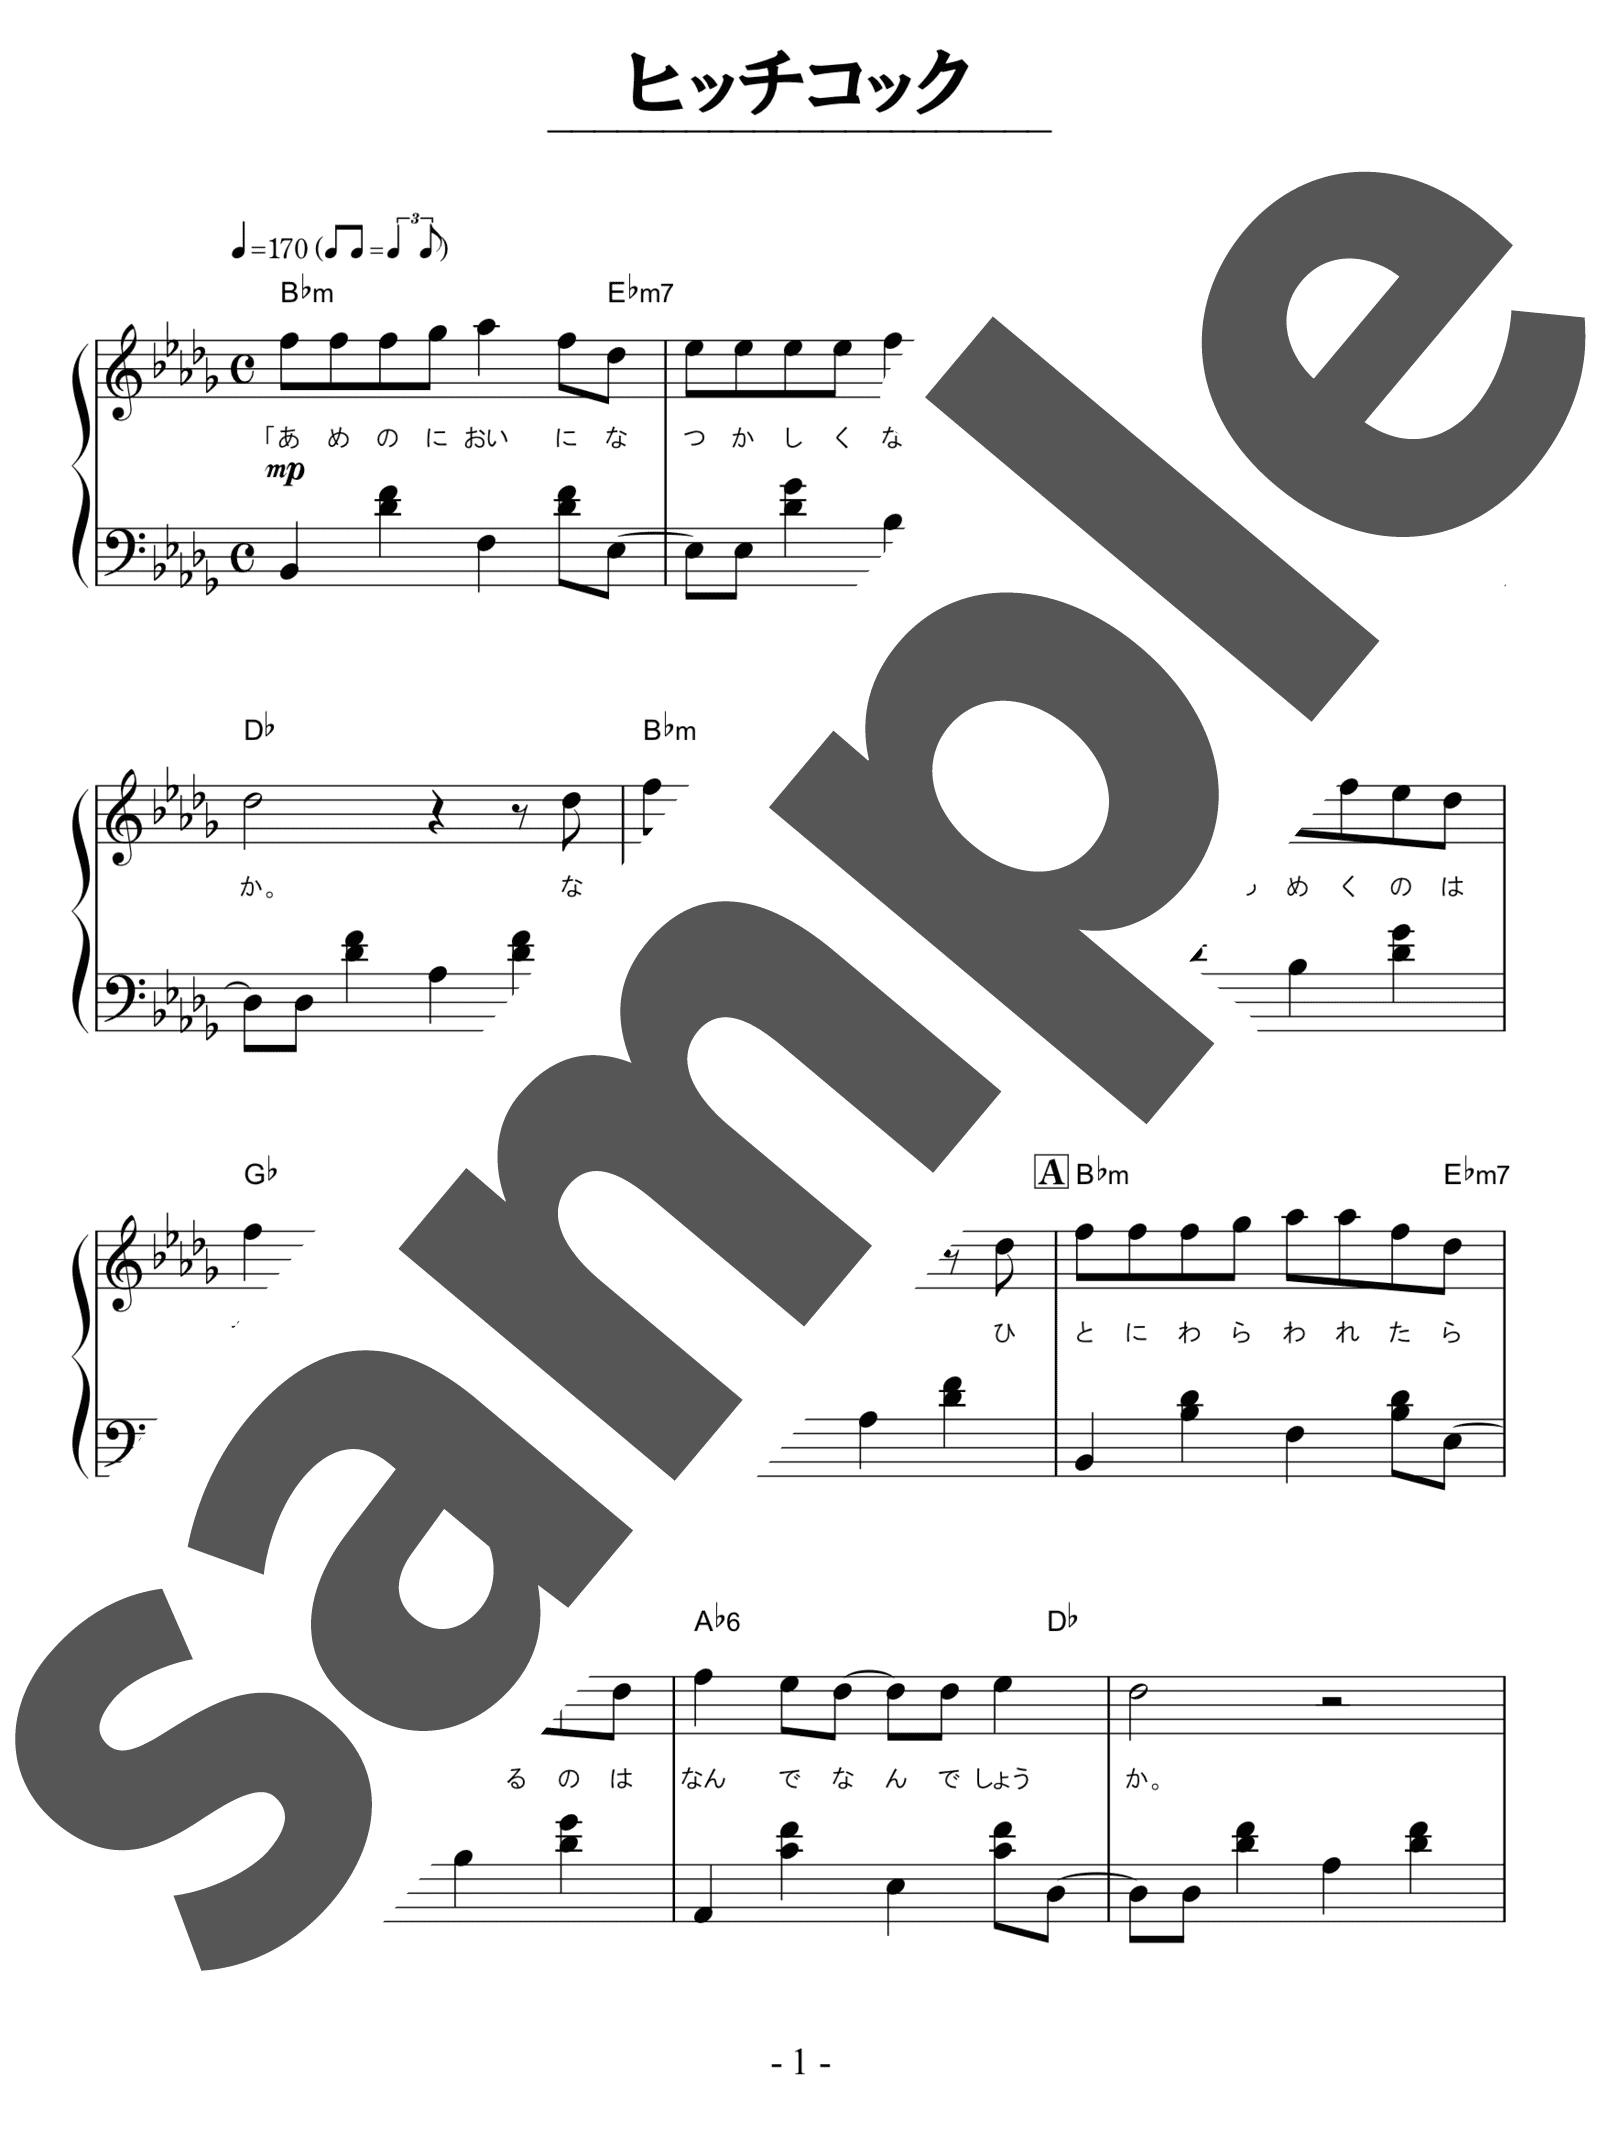 「ヒッチコック」のサンプル楽譜